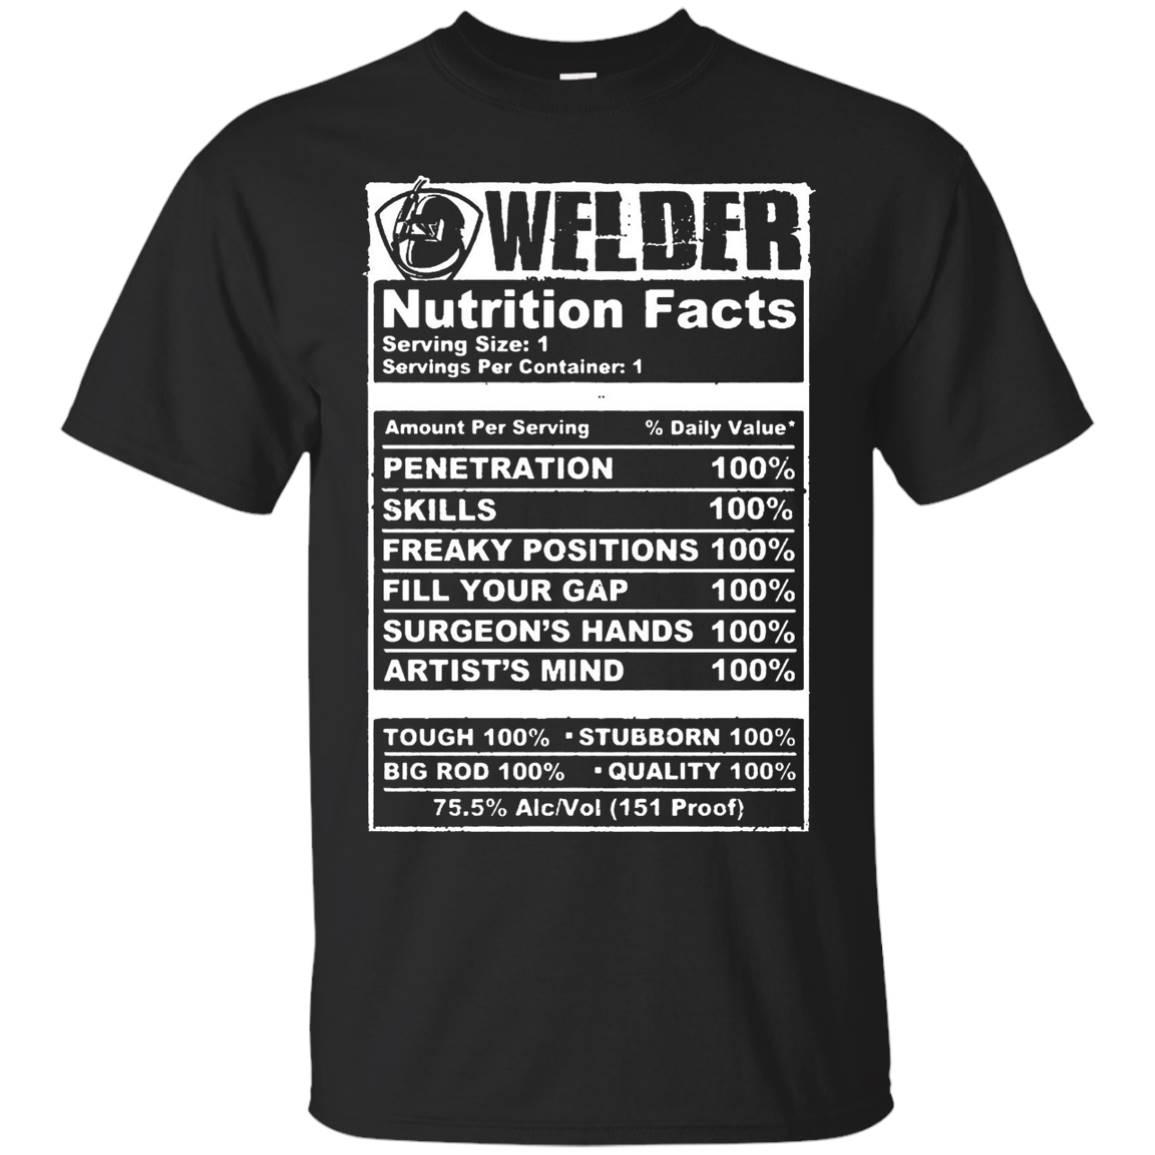 Men's Welder Nutrition Facts T-Shirt